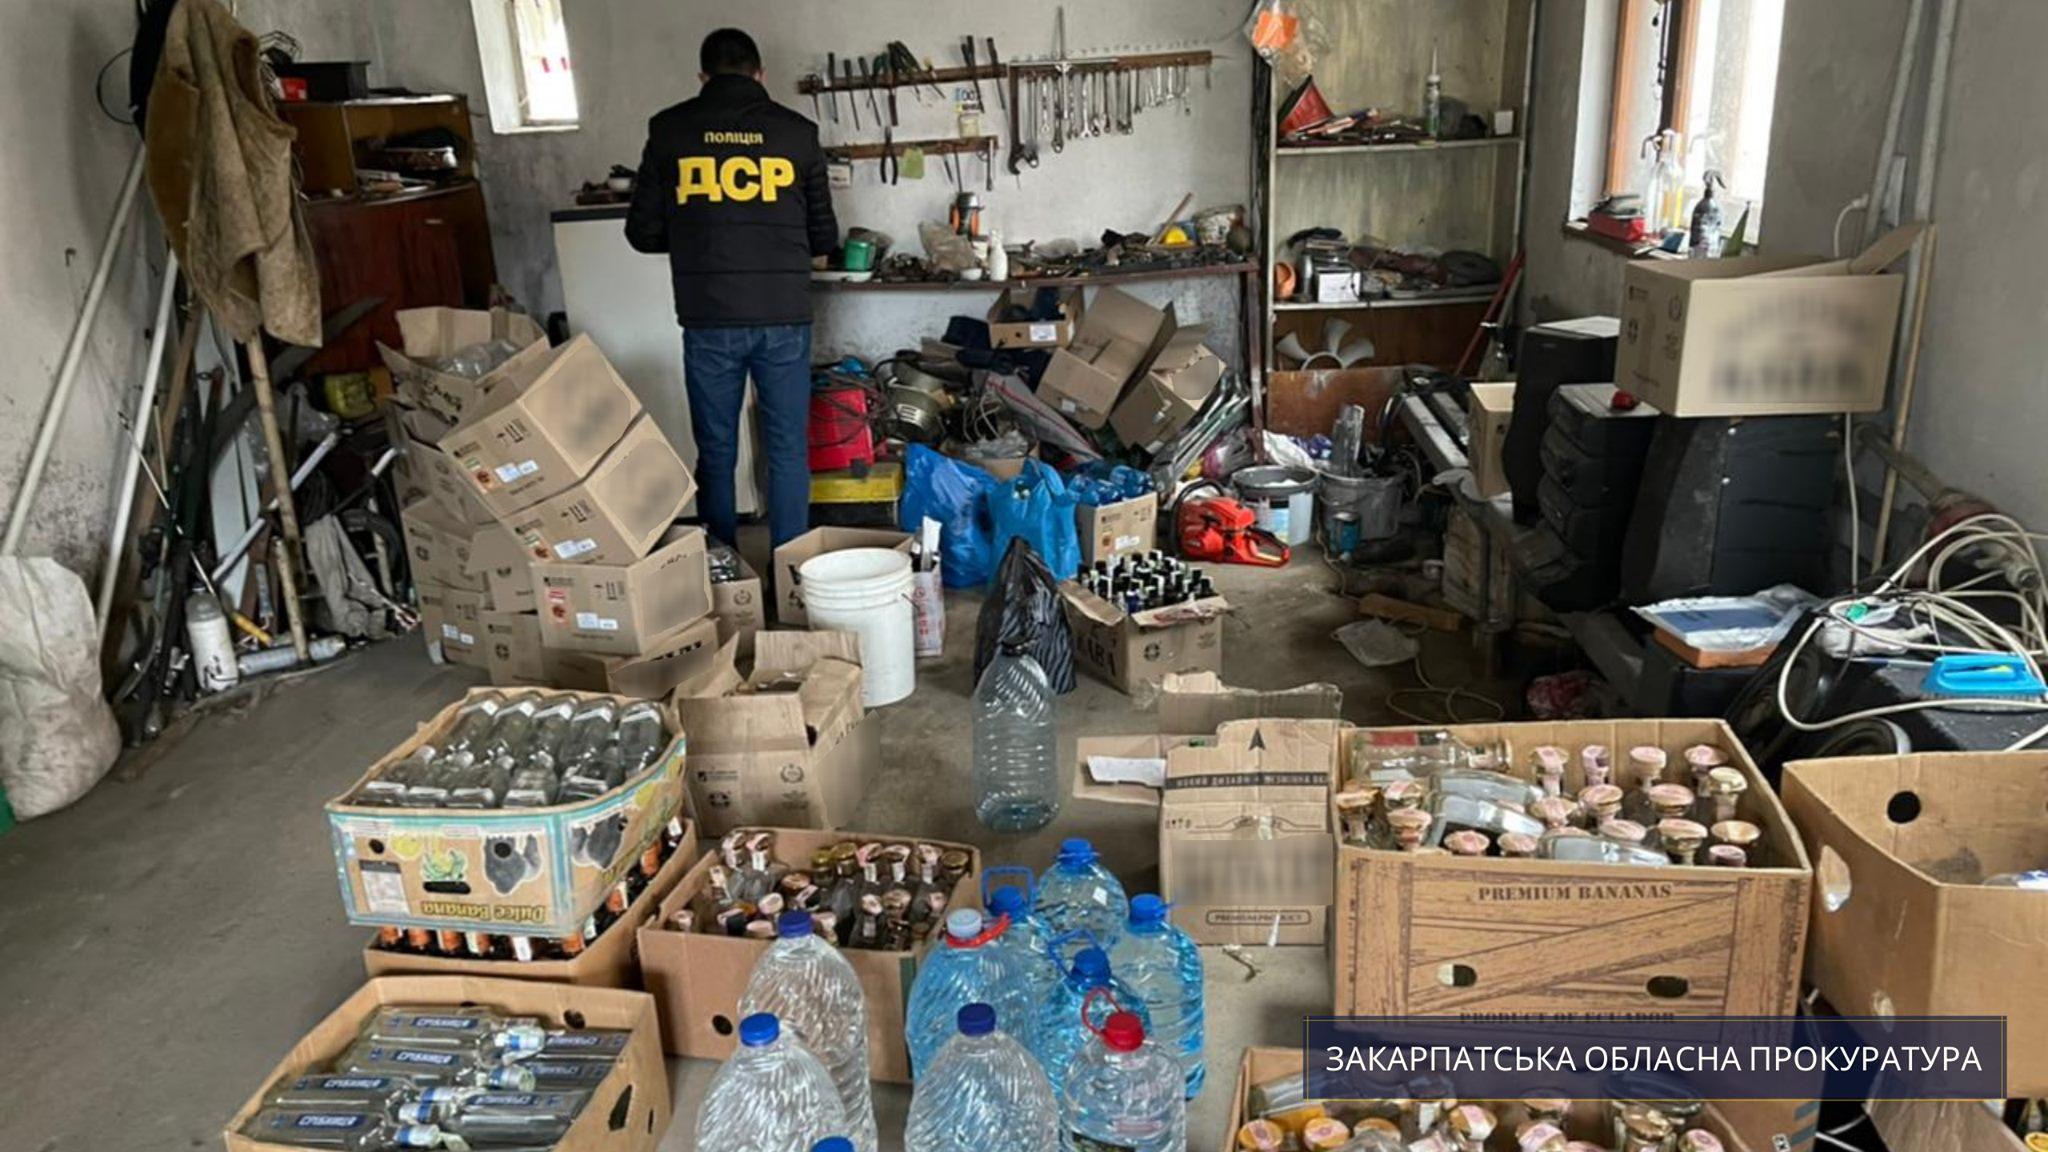 За процесуального керівництва Закарпатської обласної прокуратури на території Ужгорода та району викрито підпільний цех із ймовірно фальсифікованими підакцизними товарами на суму понад 730 тис. грн.